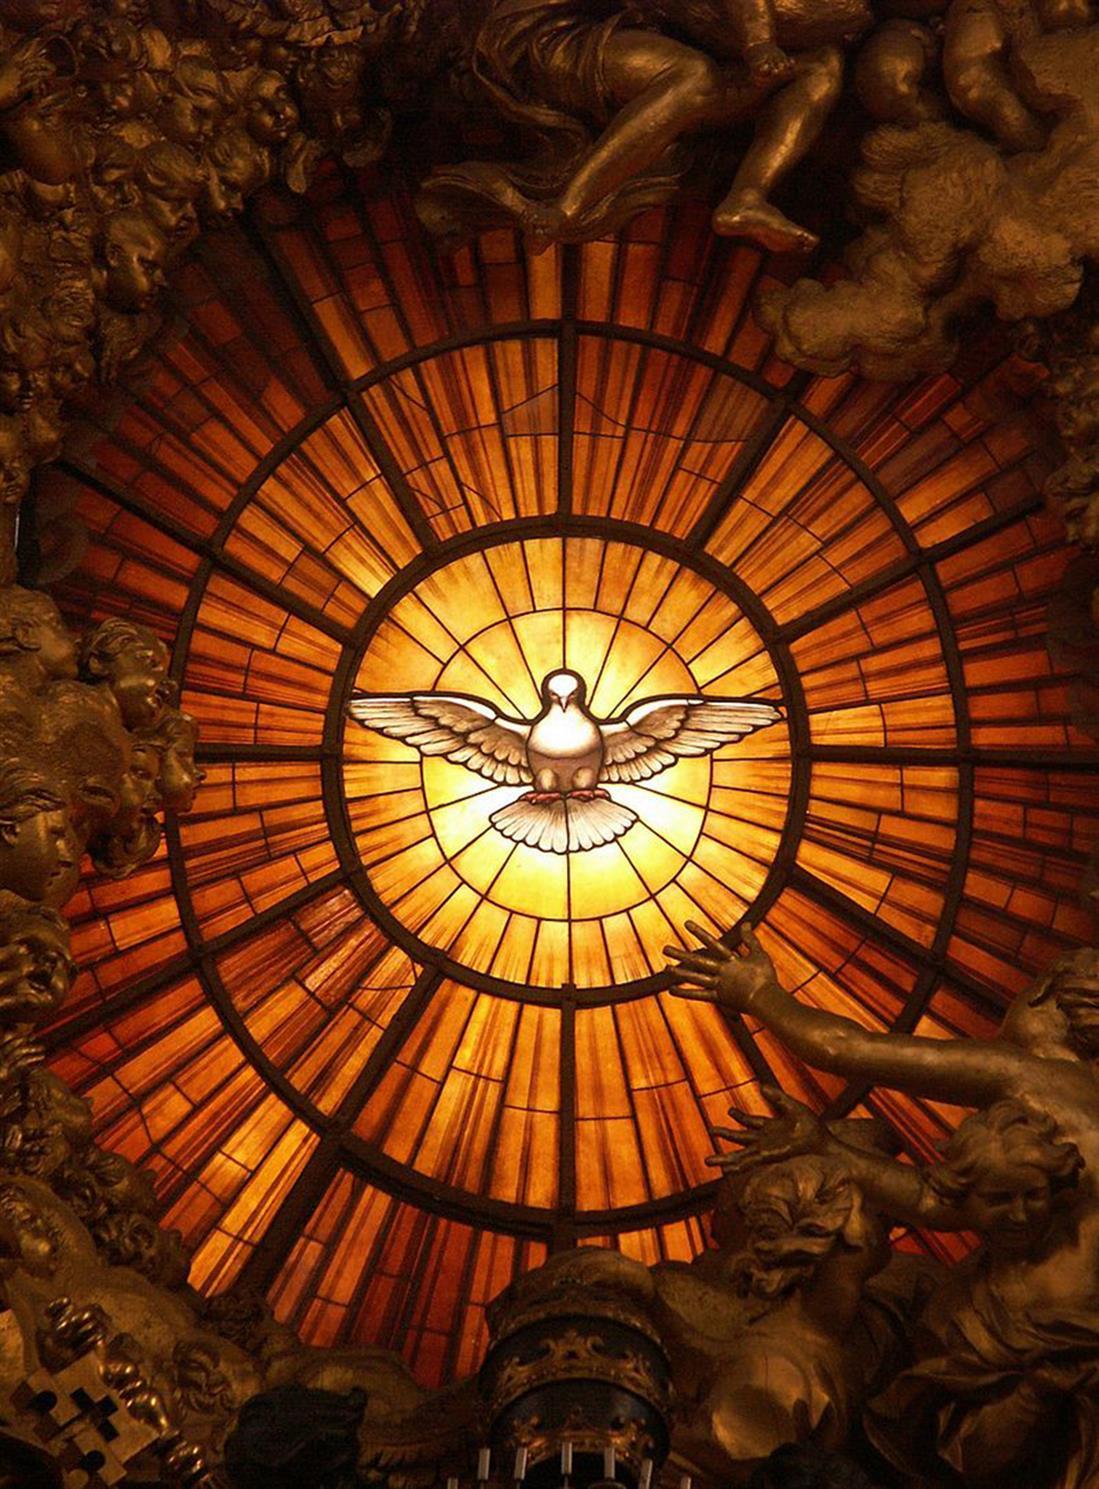 Γιορτή Αγίου Πνεύματος - Άγιο Πνεύμα